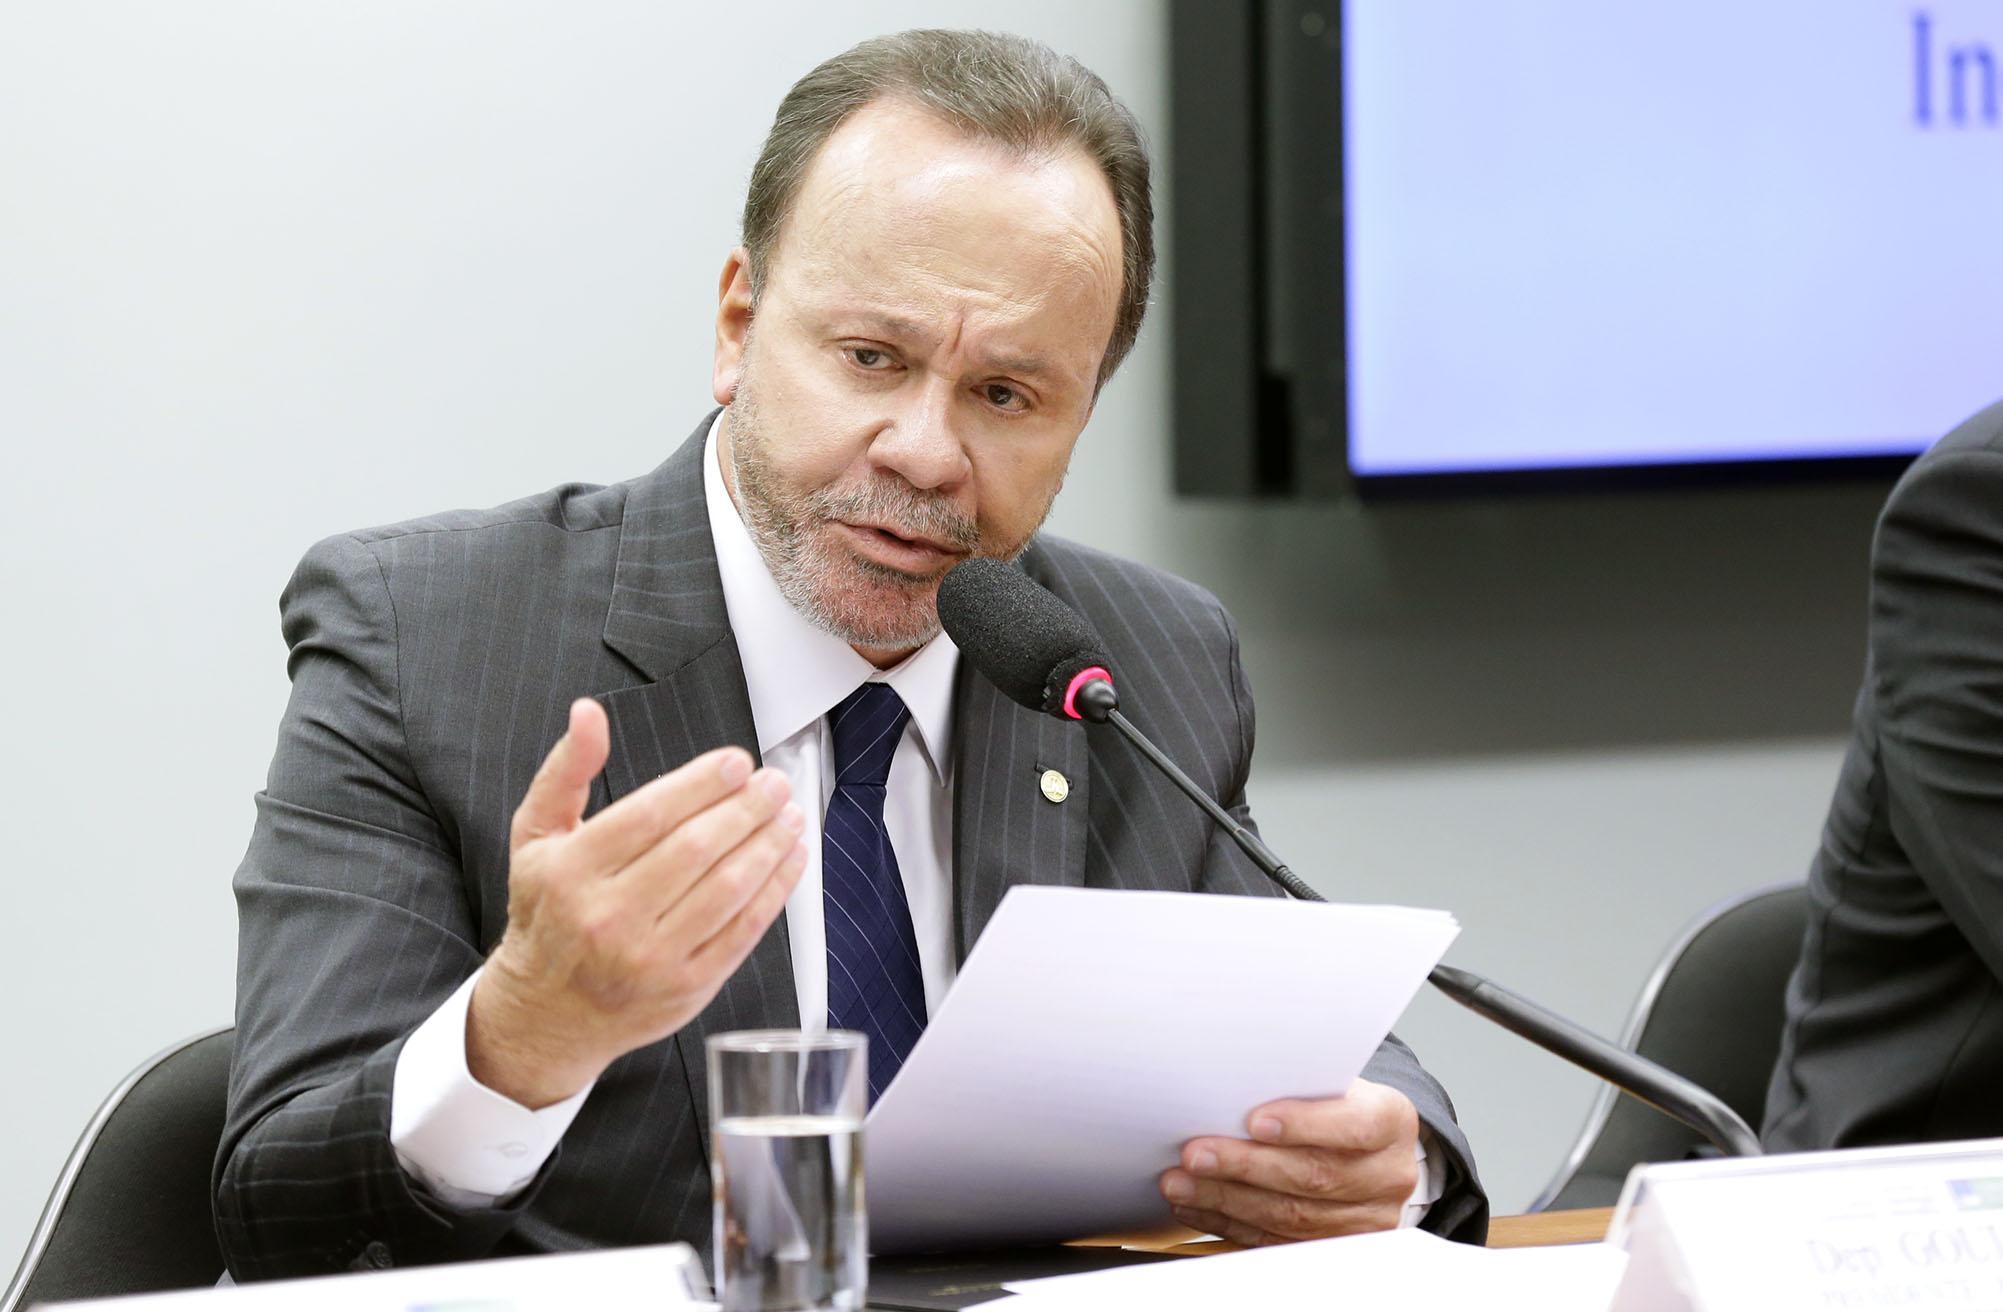 Audiência Pública. Dep. Goulart (PSD - SP)